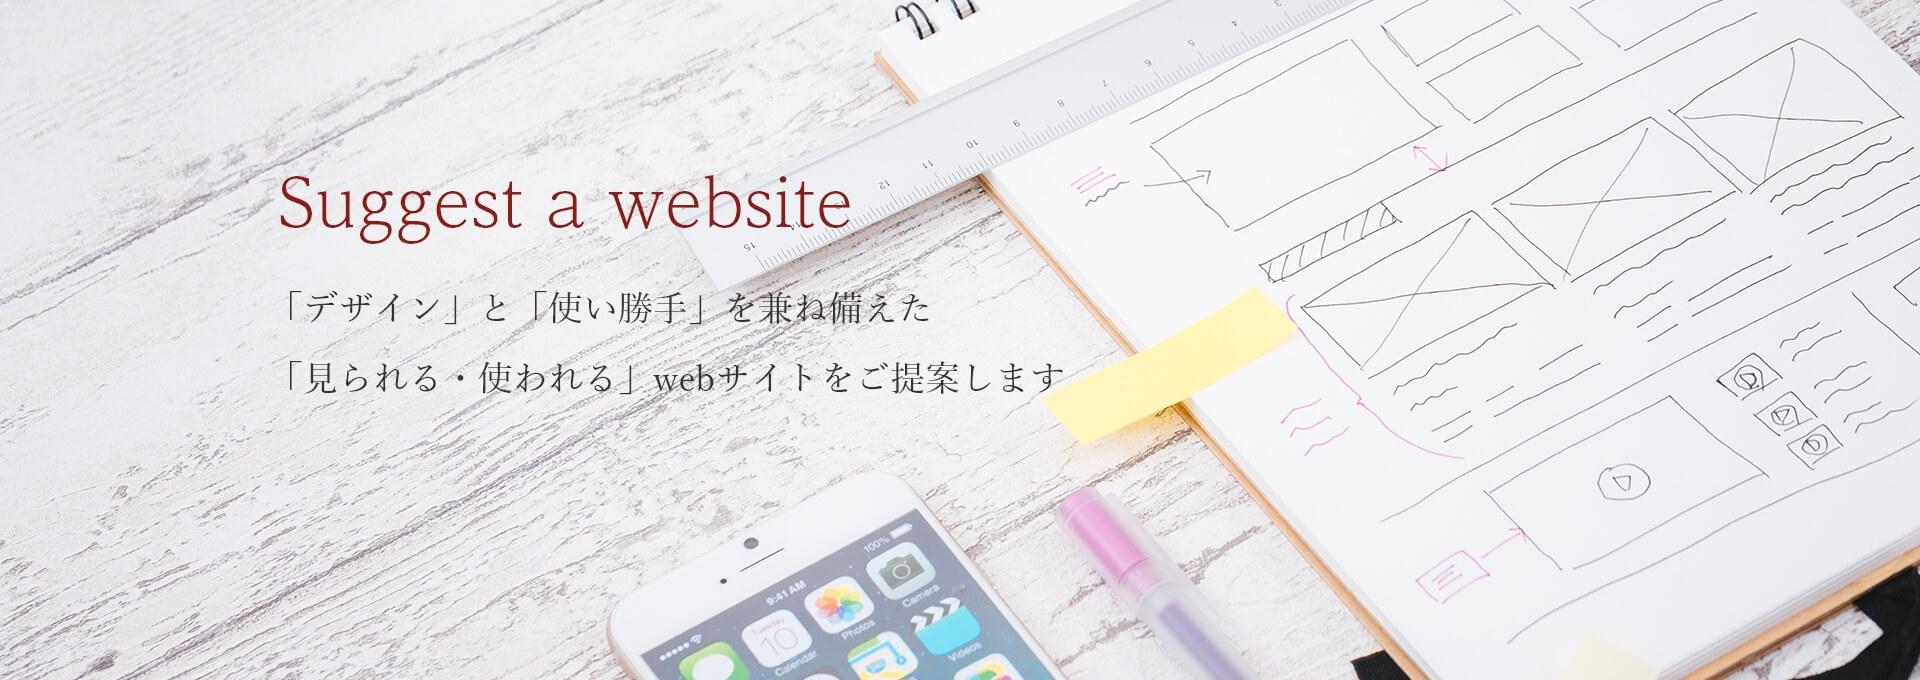 「デザイン」と「使い勝手」を兼ね備えた「見られる・使われる」webサイトをご提案します